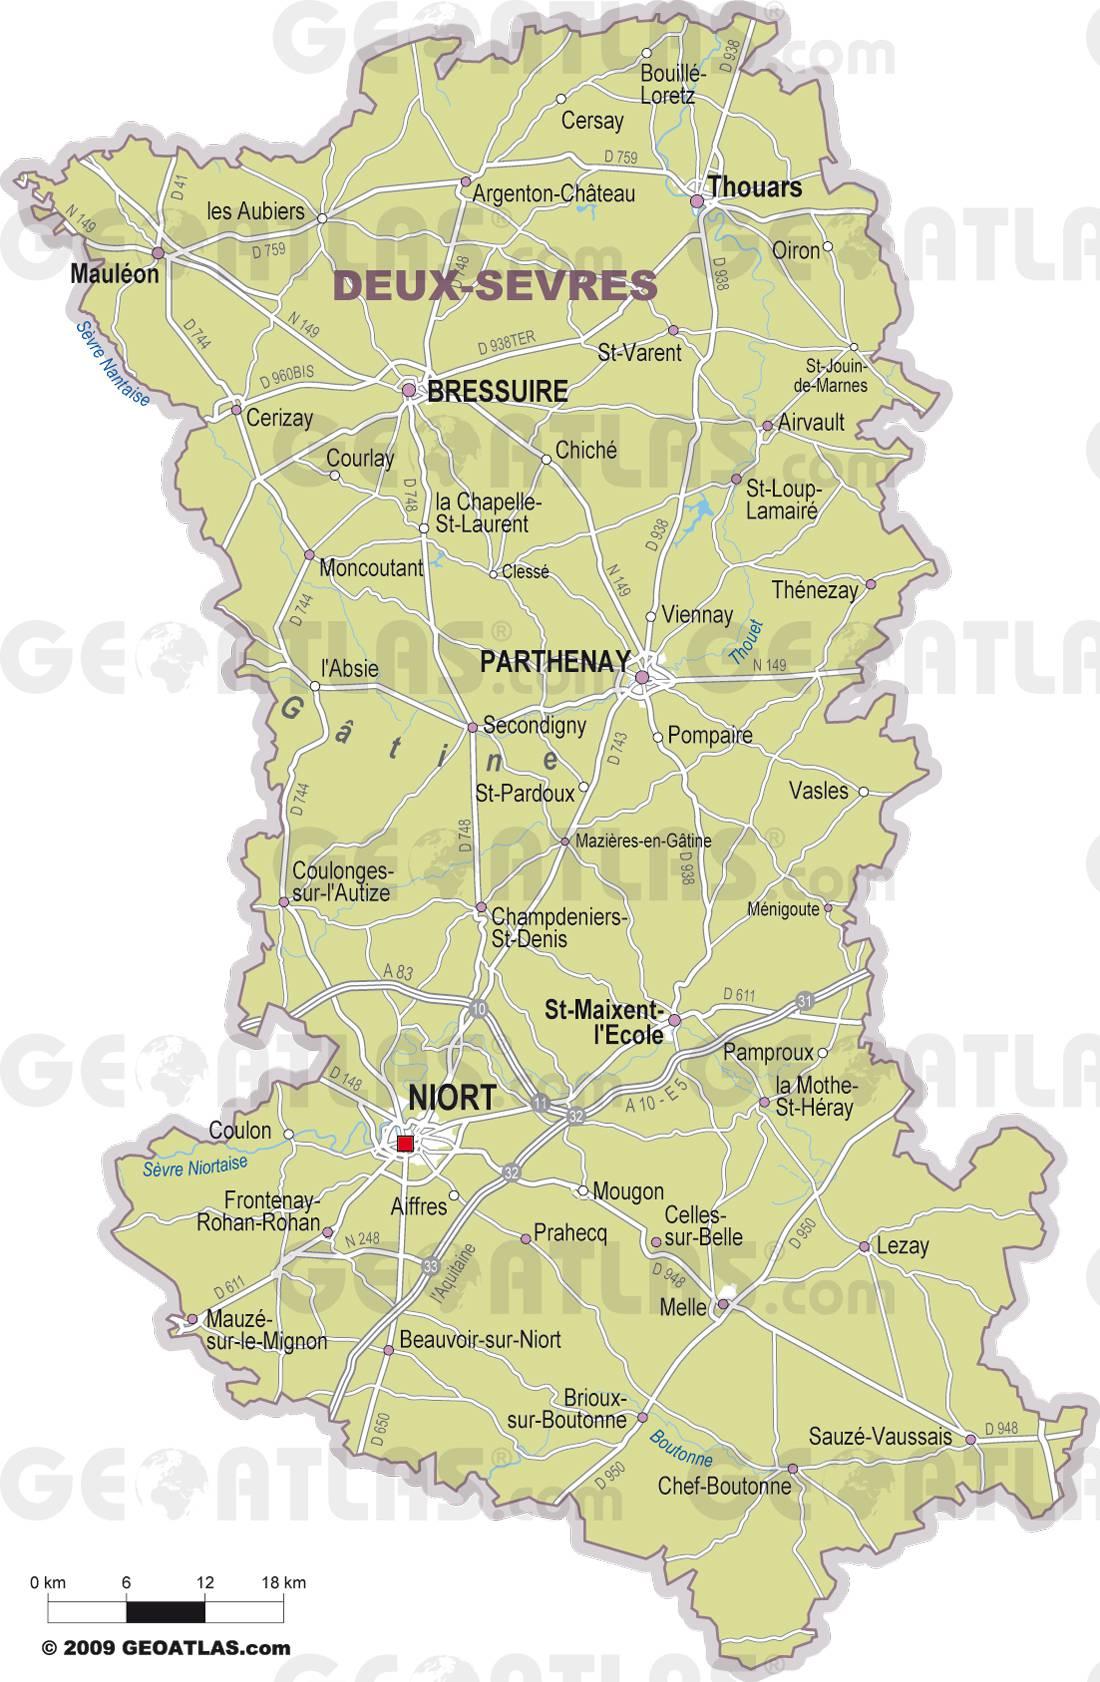 Carte des villes des Deux-Sèvres